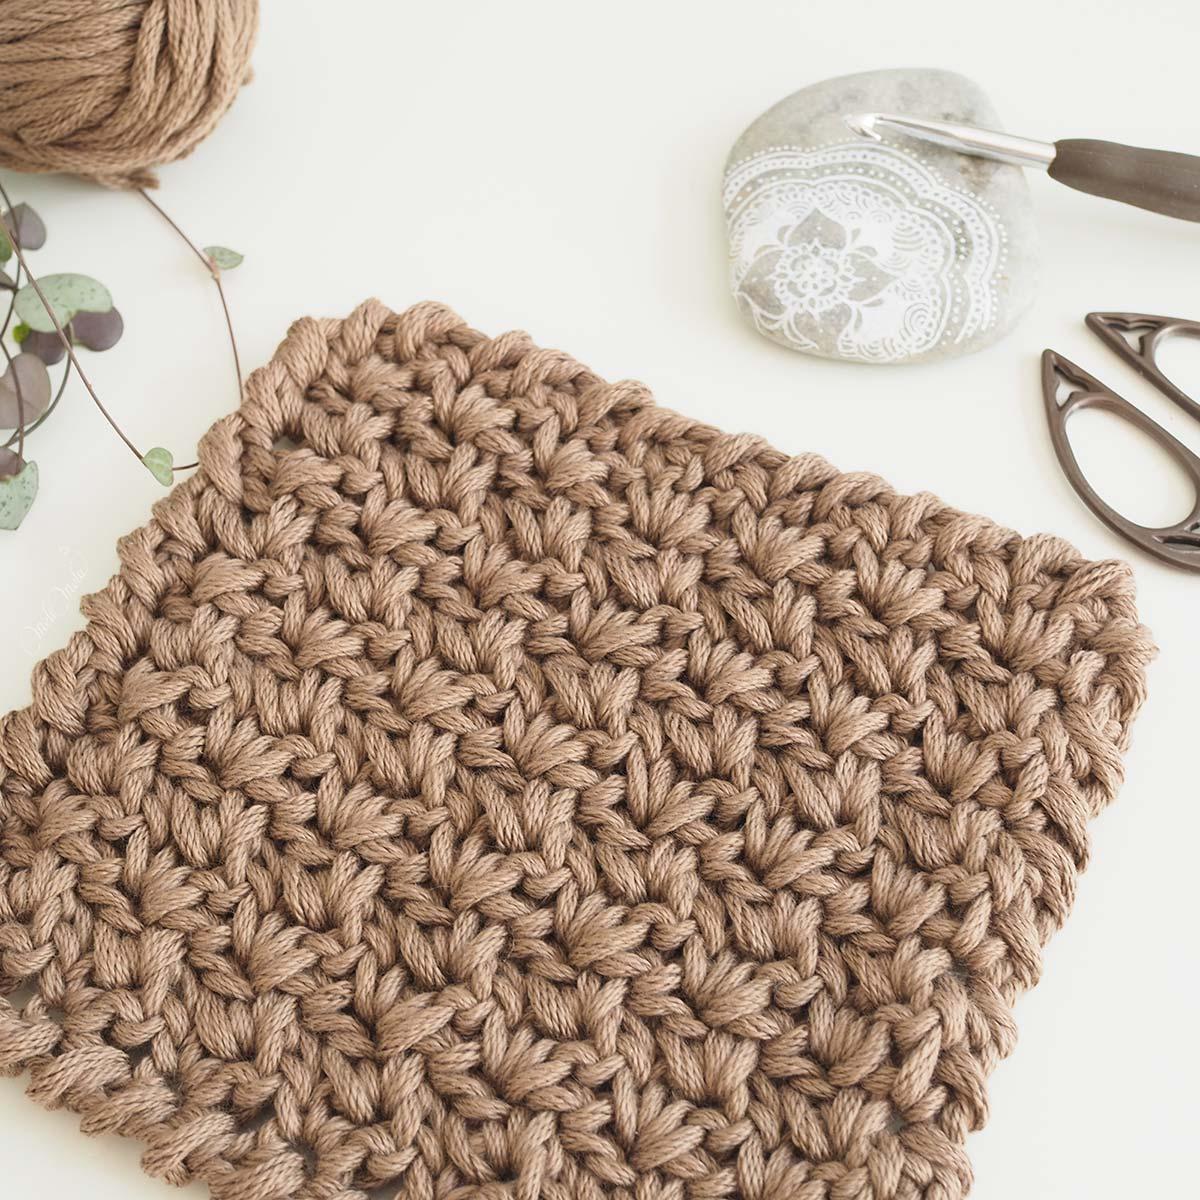 carre-durable-crochet-dmc-natura-xl-laboutiquedemelimelo